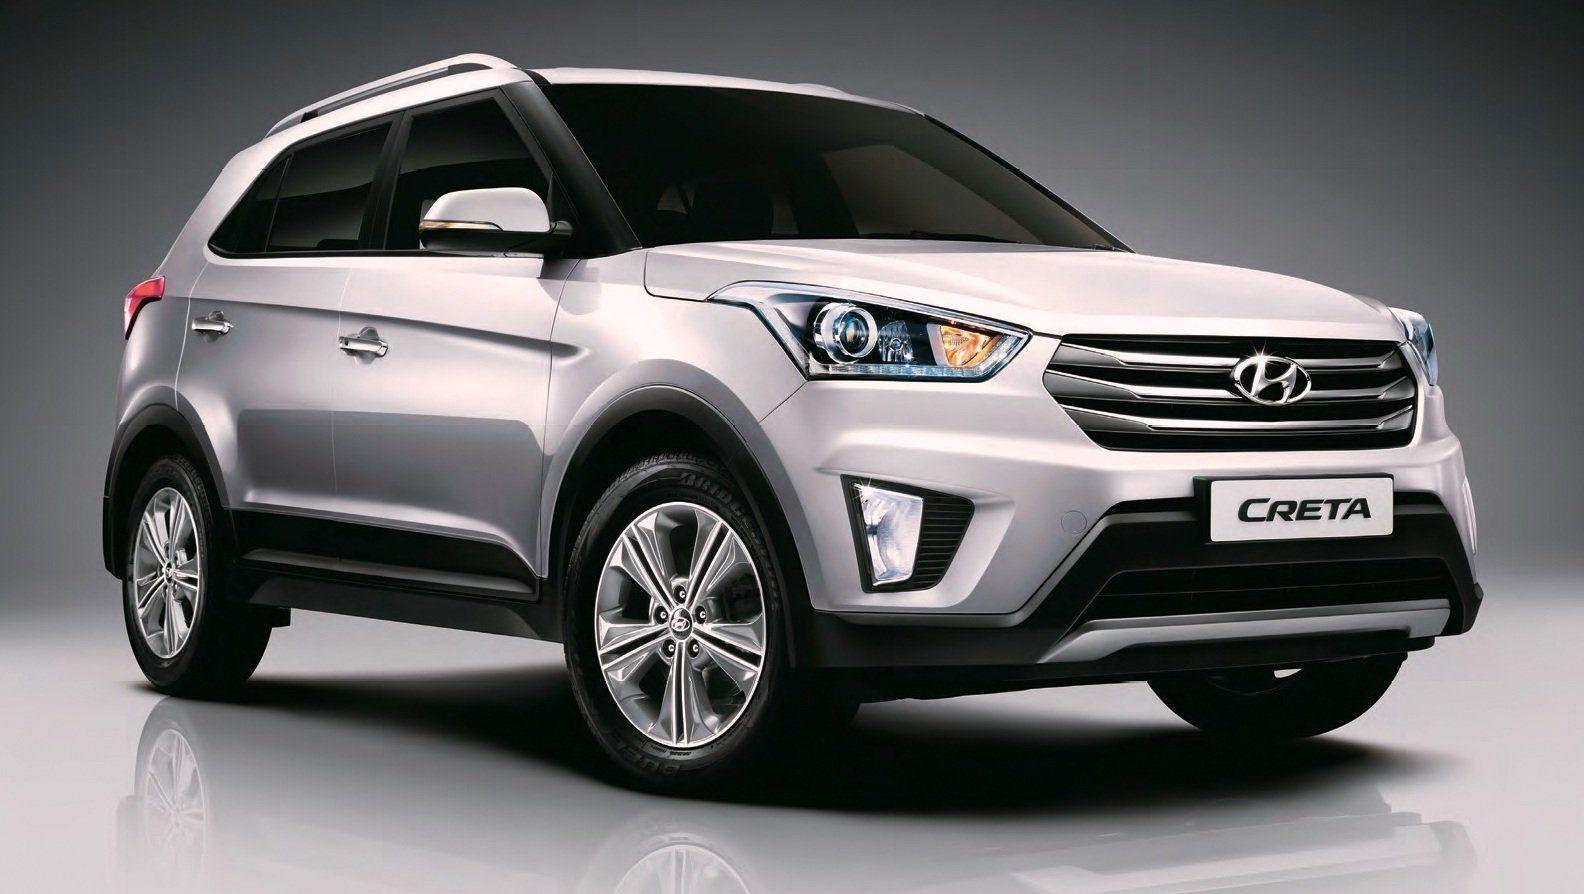 Hyundai Creta угон